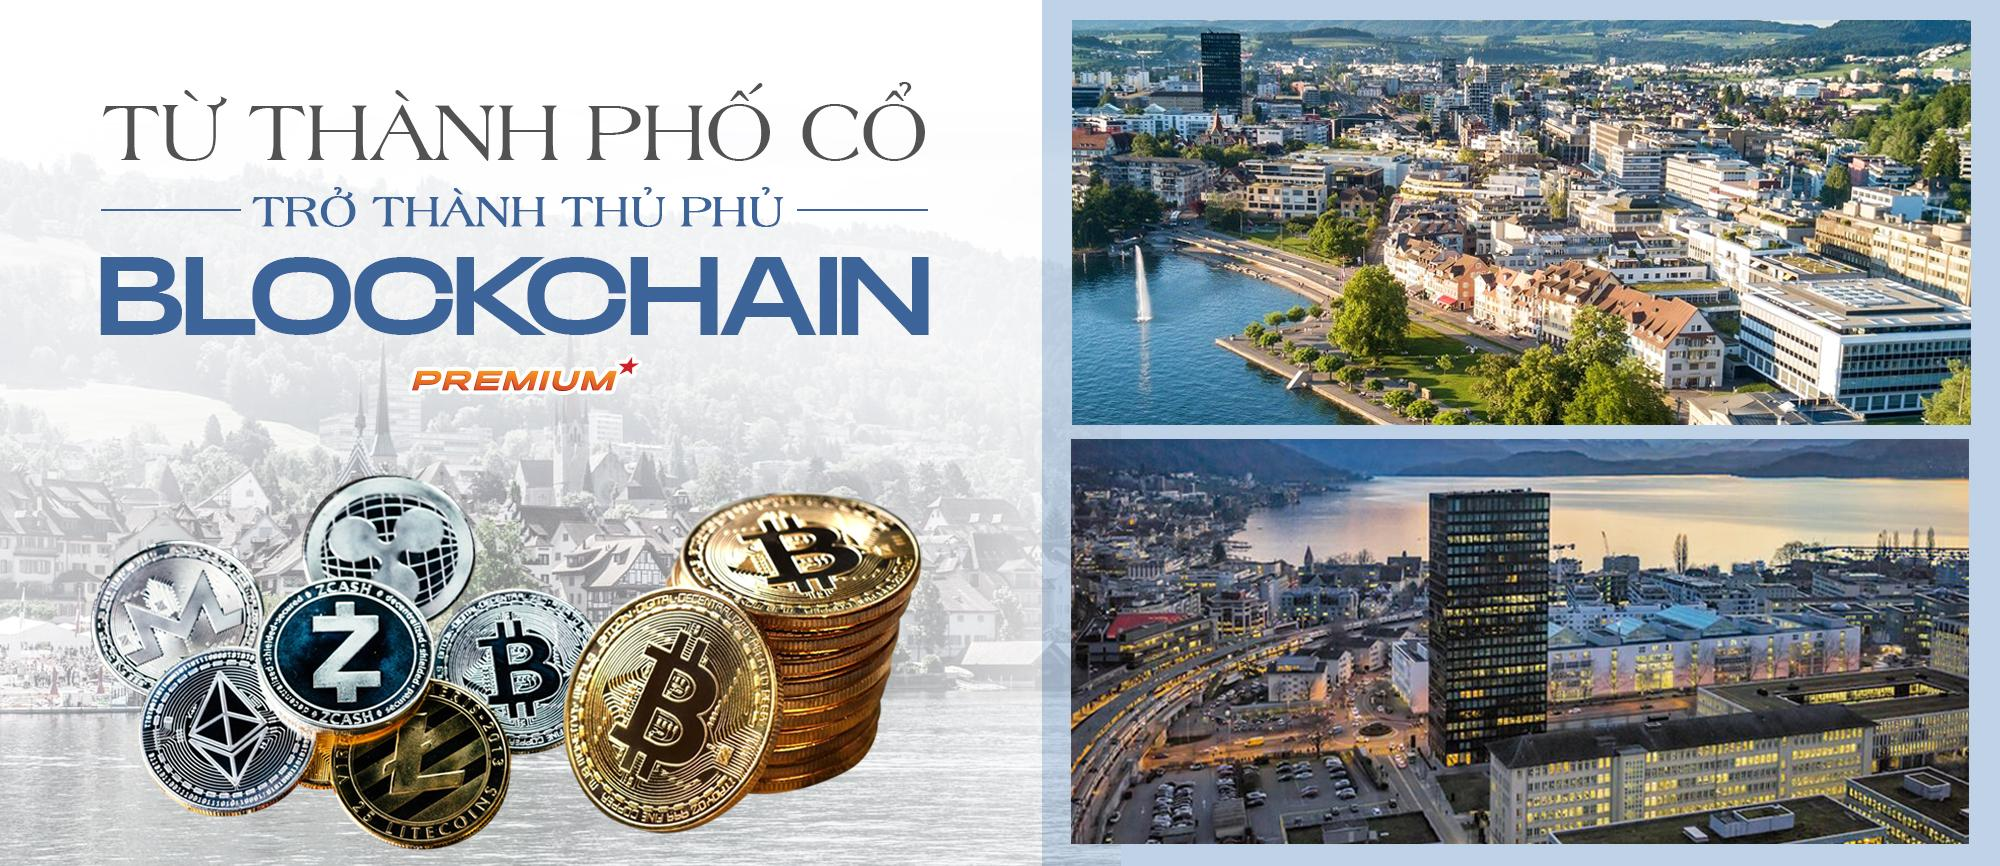 Từ thành phố cổ trở thành thủ phủ blockchain